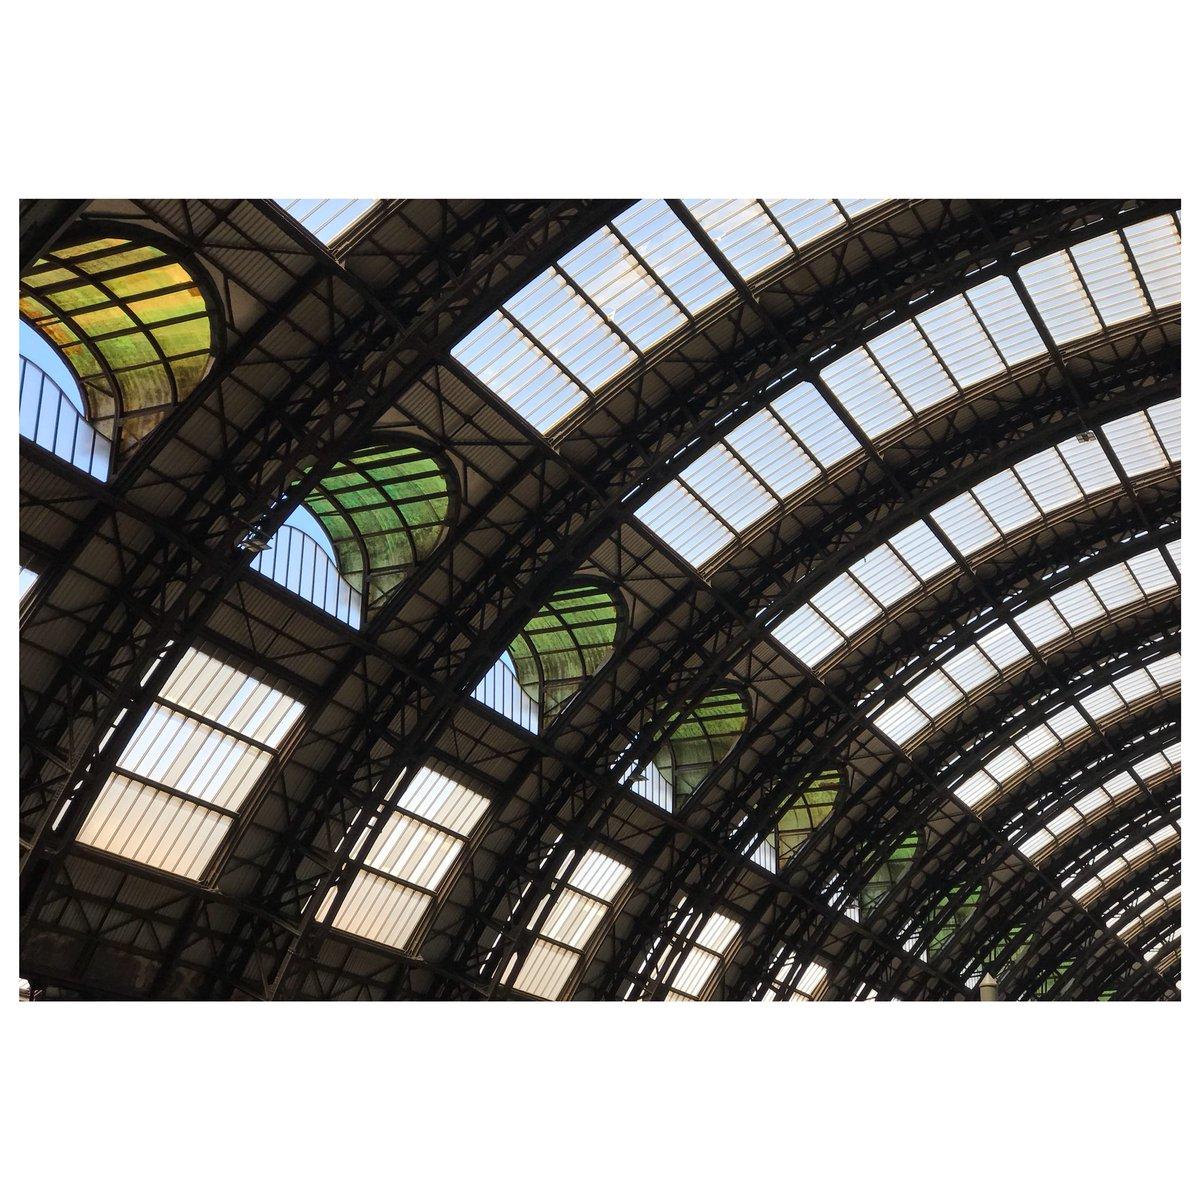 Le rimembranze (V)Foto 131 (VIII/15/18)#architecture #italia #arquitectura #milano #milan #milanocentrale  - Ukustom